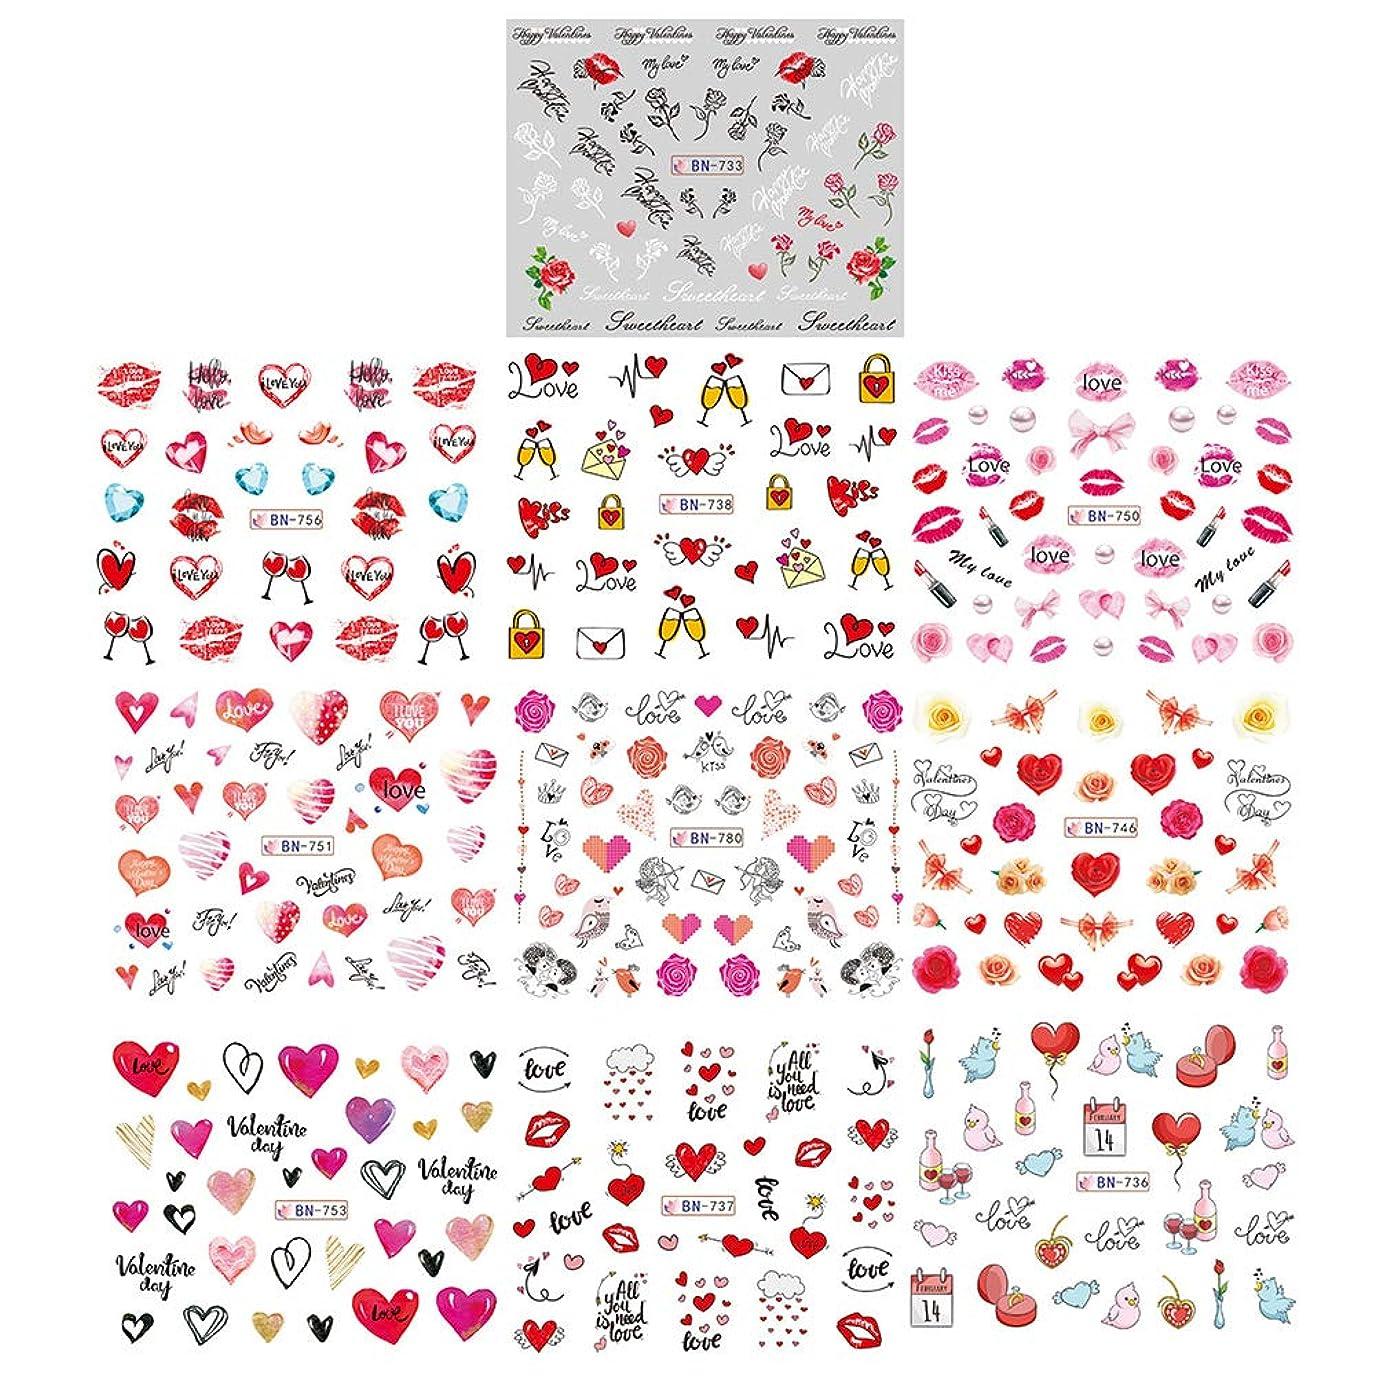 アダルト表向き作成するFrcolor ネイルシール love ネイルステッカー 花柄デザイン ネイルアートシール 爪に貼るだけ マニキュア 10枚セット バレンタインデー飾り